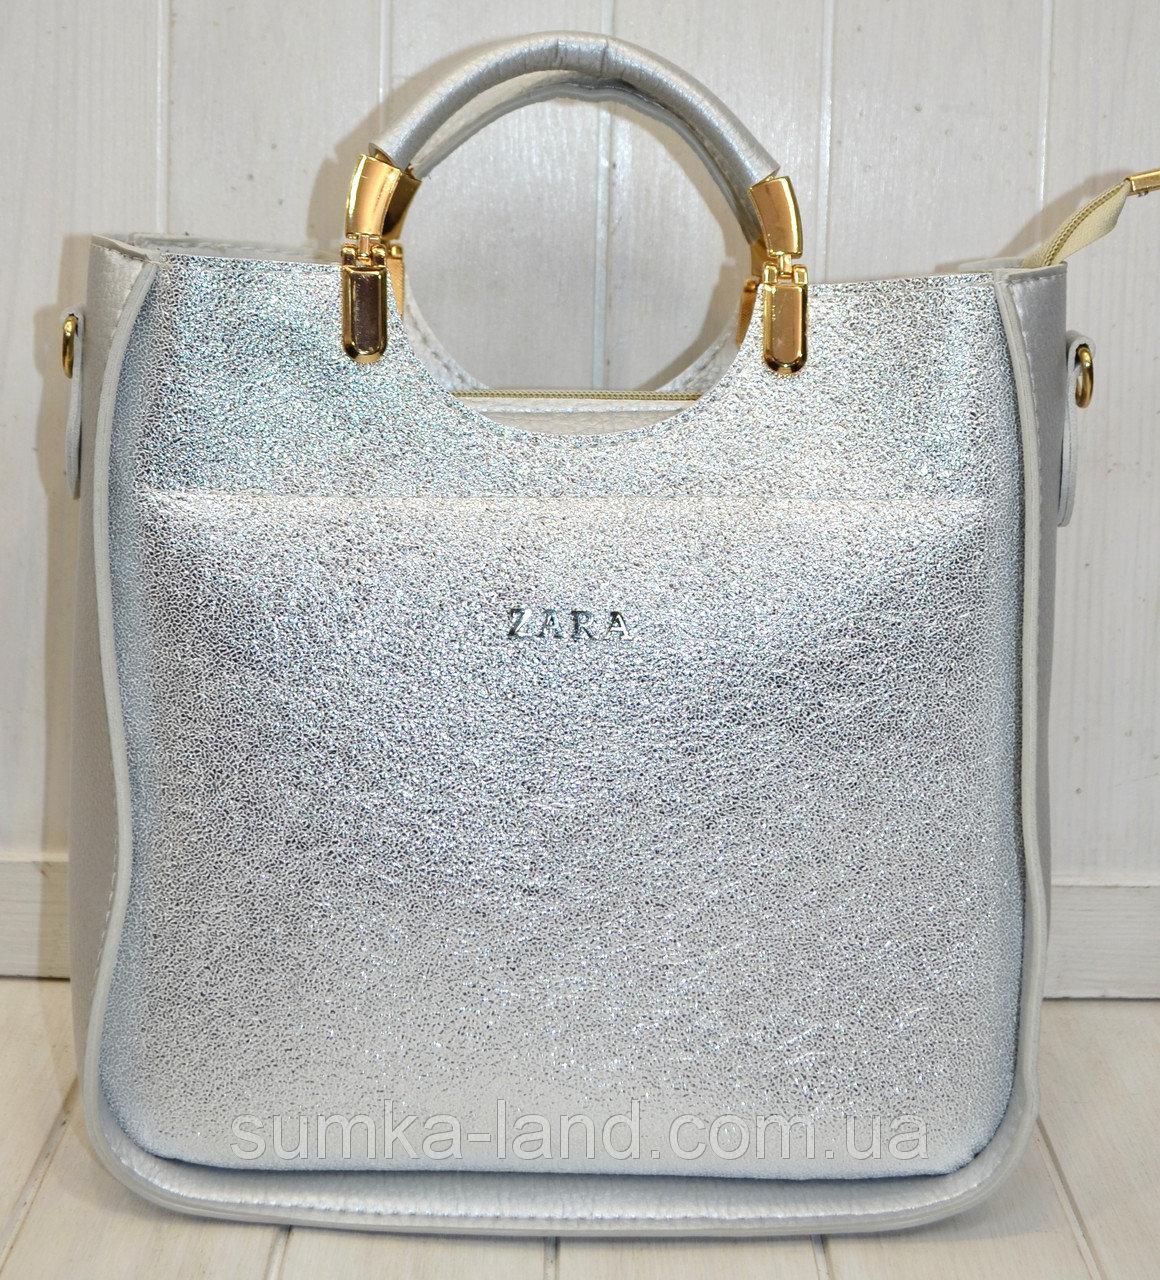 Женская Сумочка ZARA сумка из эко-кожи. Серебристая блестящая.